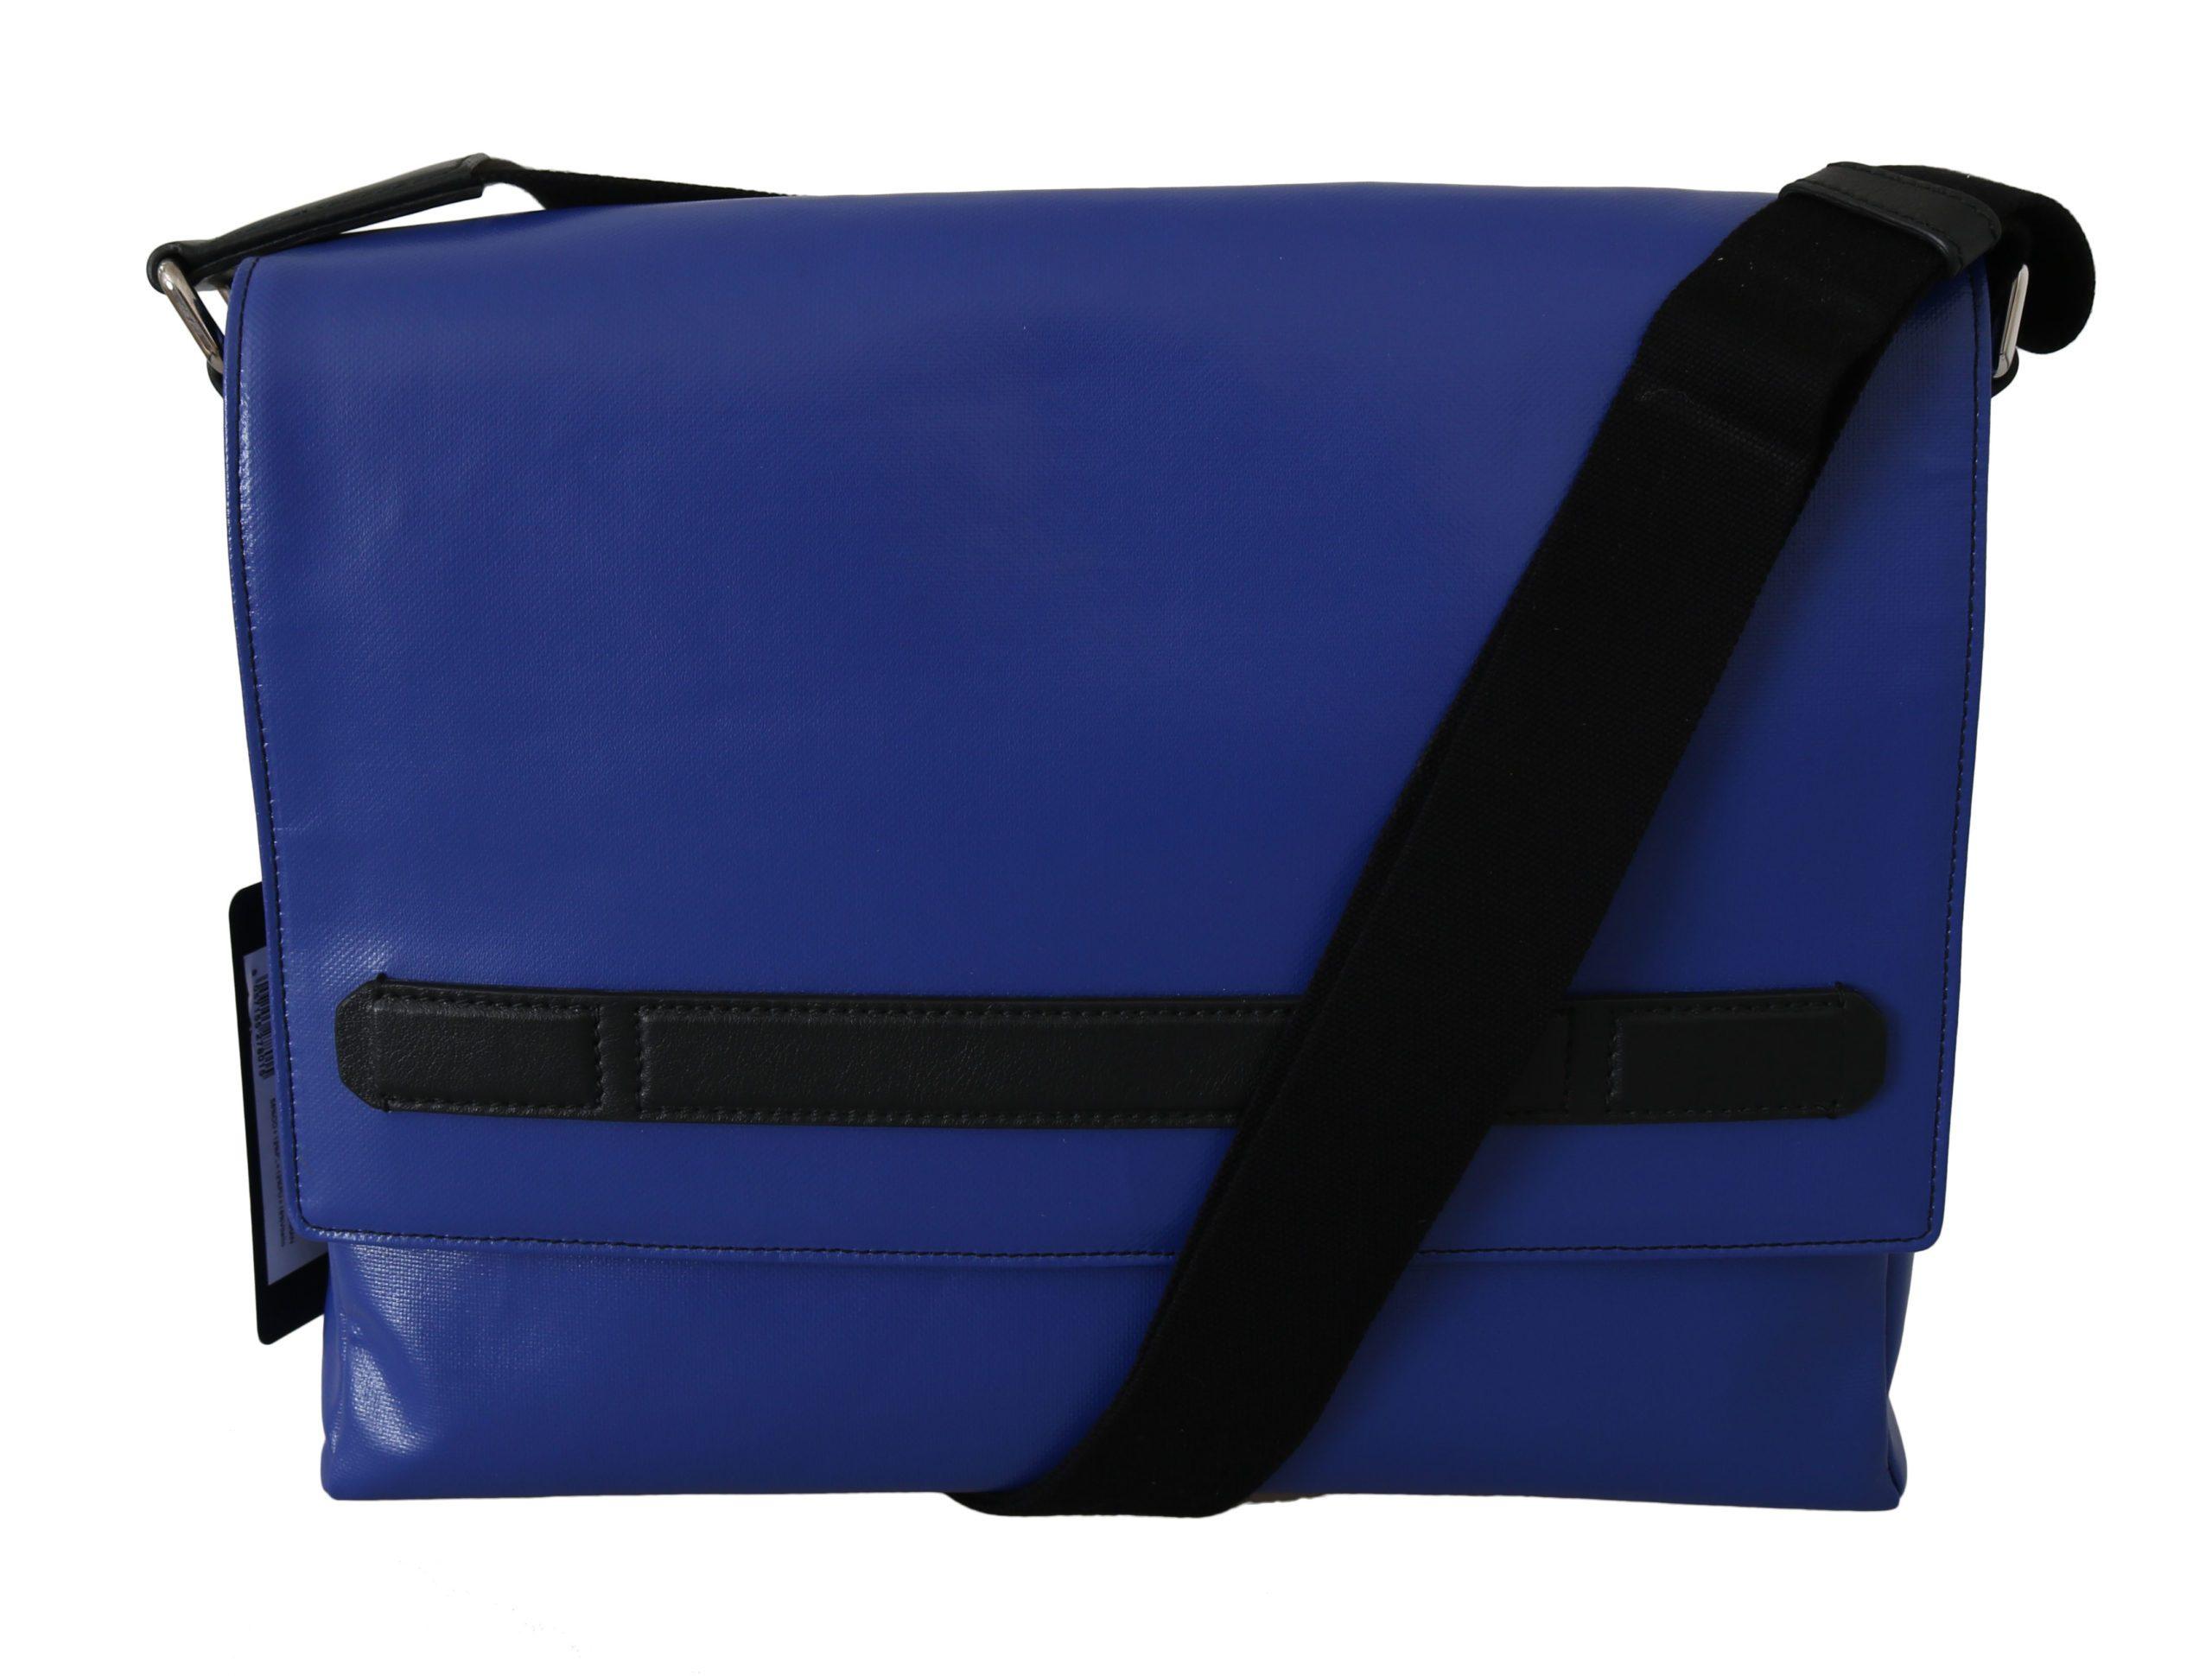 Dolce & Gabbana Men's Shoulder Cotton Sling Messenger Bag Blue VAS8776